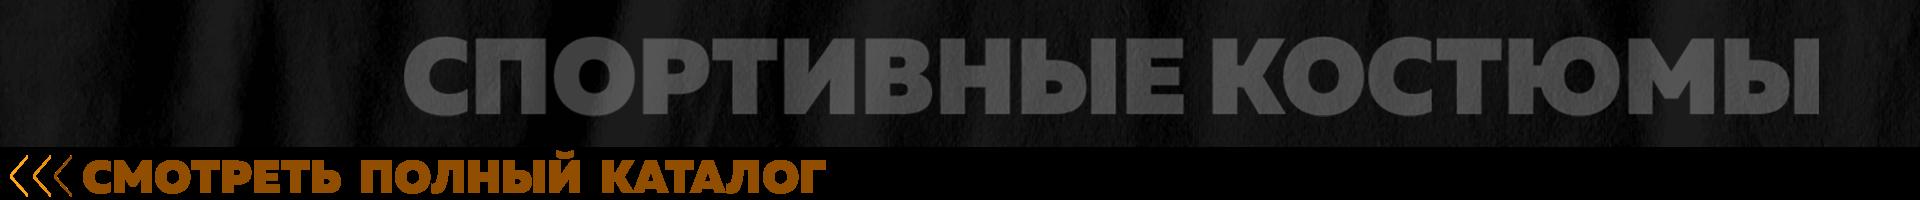 Перейти из магазина мужских спортивных костюмов в Челябинске в полный каталог.